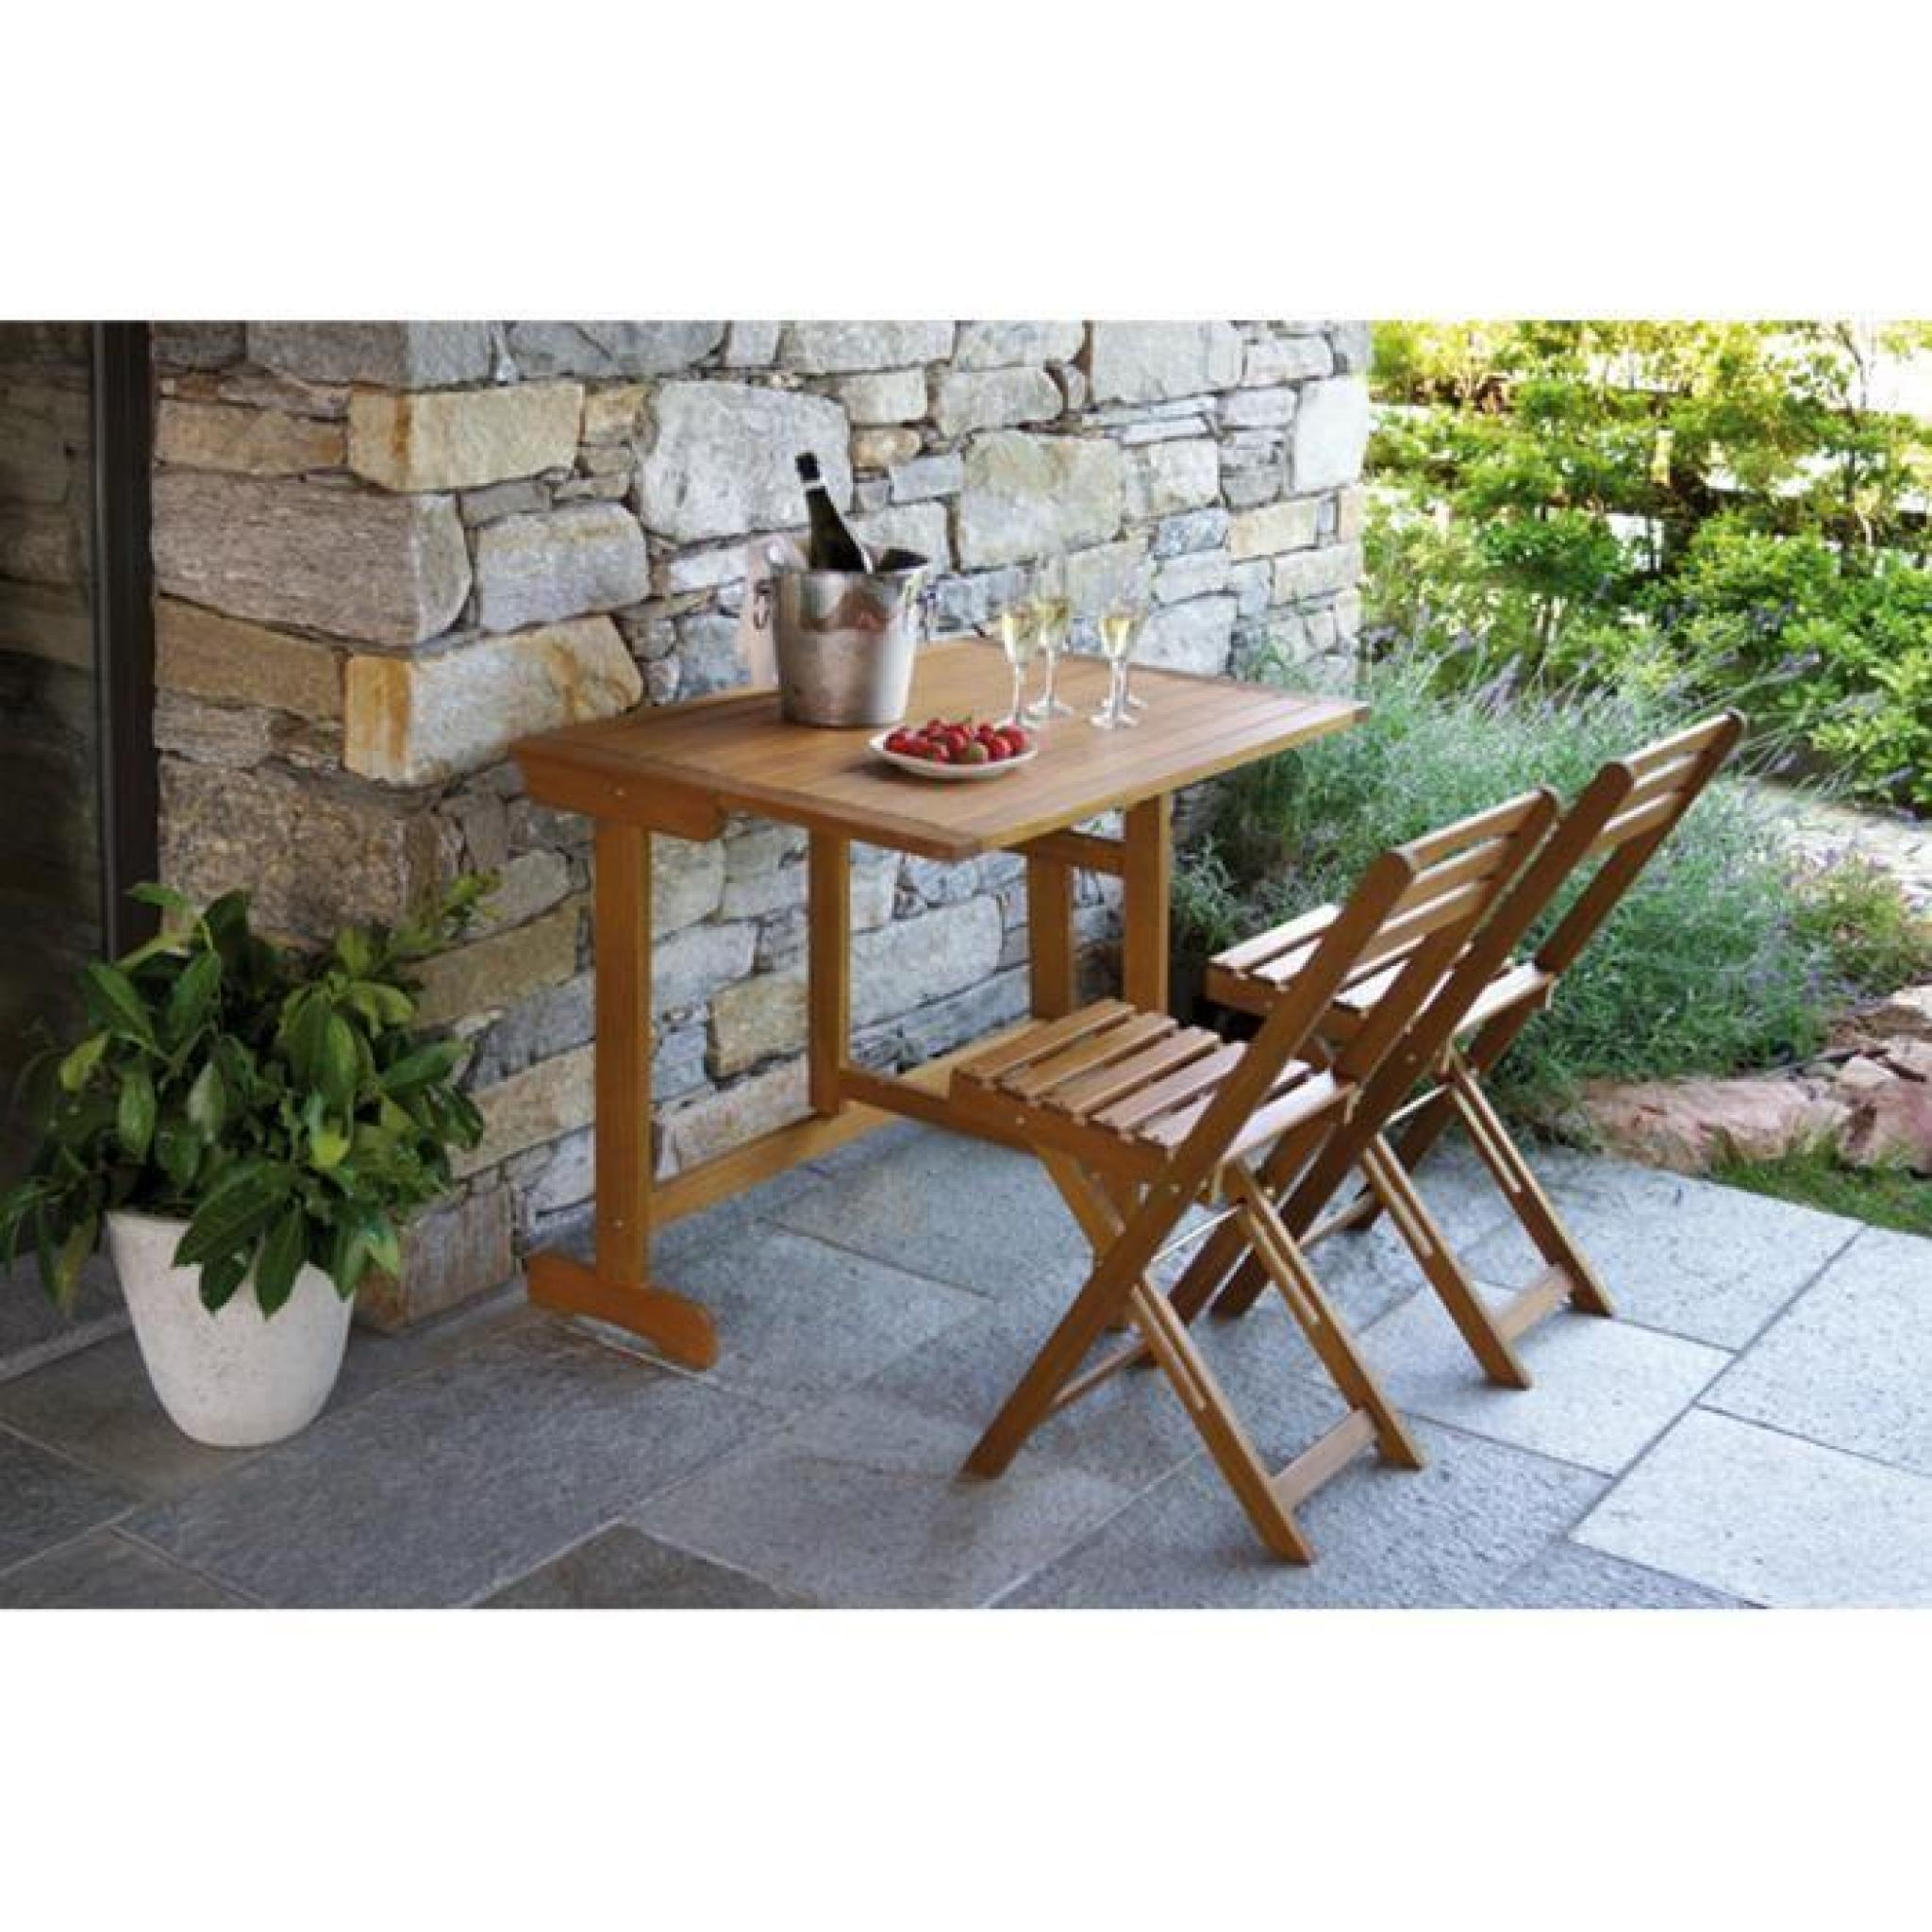 Table et 2 chaises de jardin pliables en bois achat vente salon de jardin e - Table et chaises jardin ...